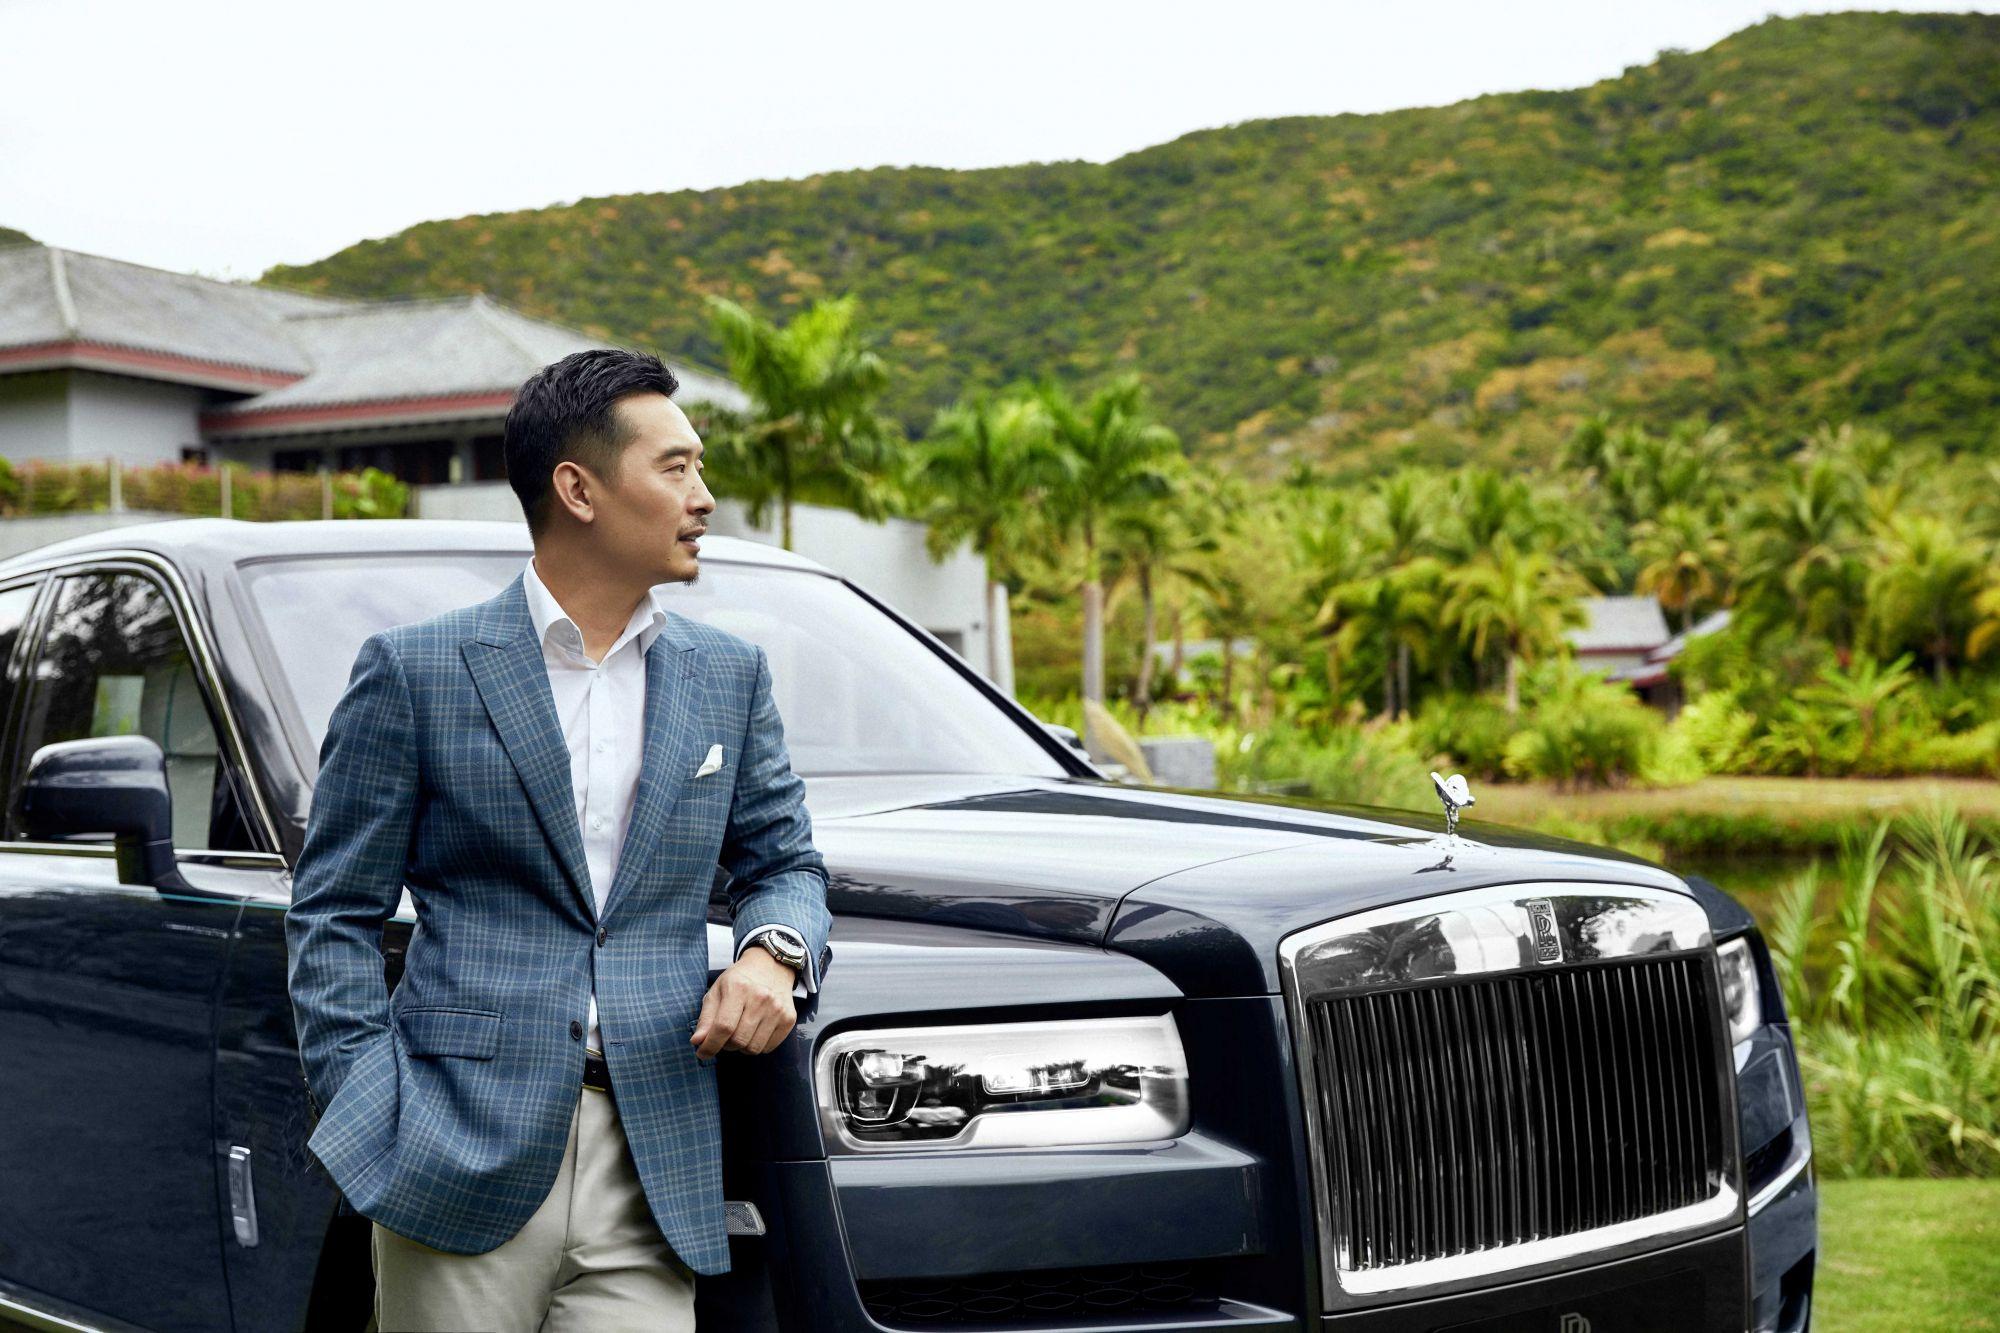 勞斯萊斯大中華區總監李龍:台灣市場擁有極大潛力,我們願意打破規則去追尋!